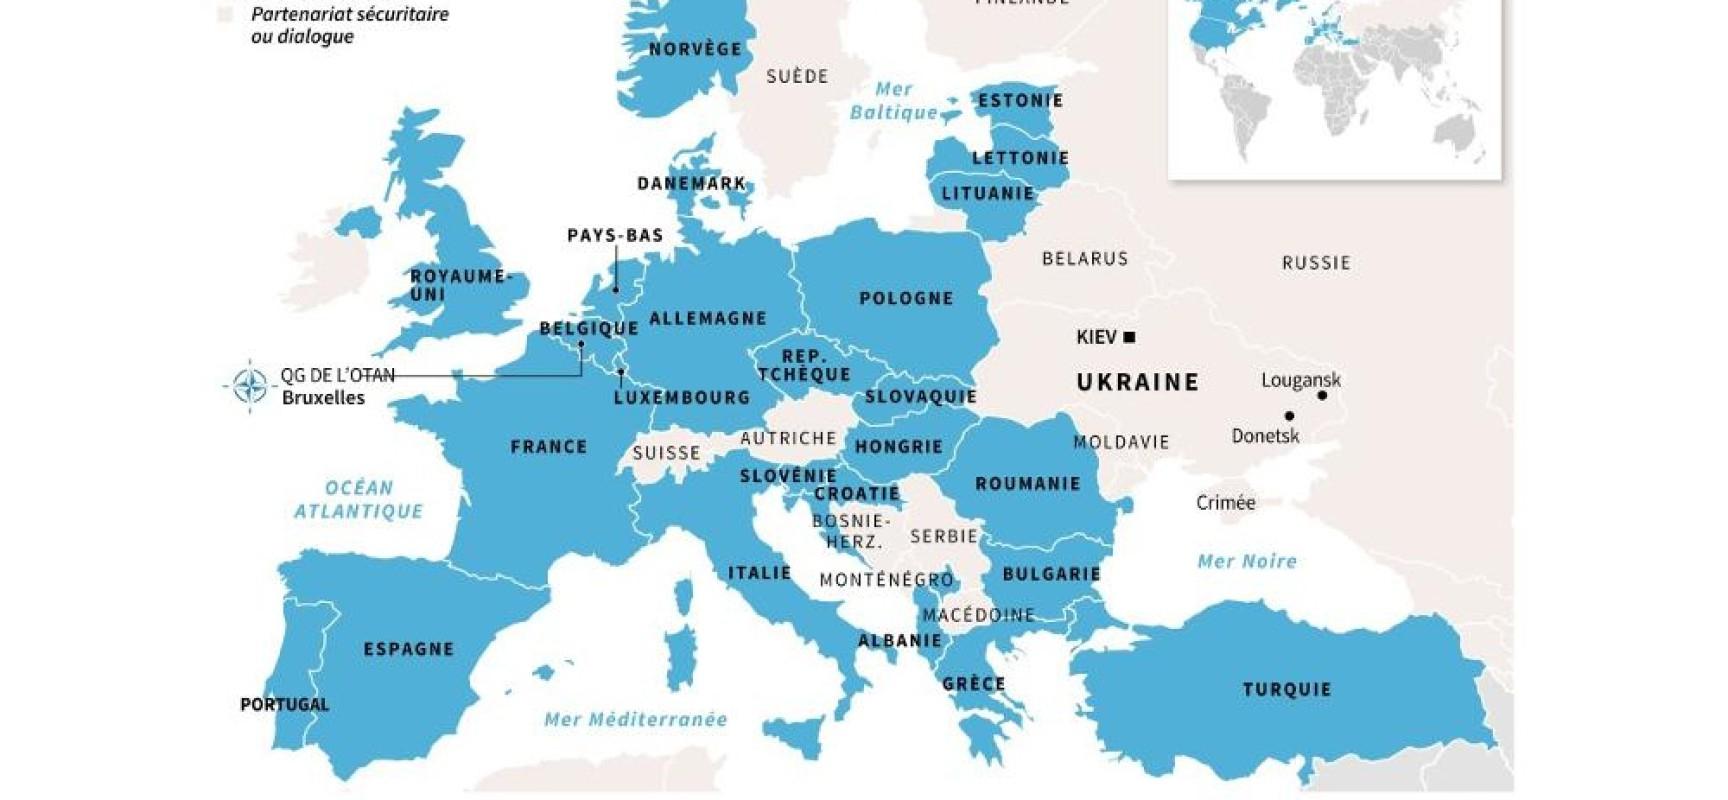 Vladimir Poutine Sur La France Et L'europe : « Les Membres concernant Pays Membre De L Europe